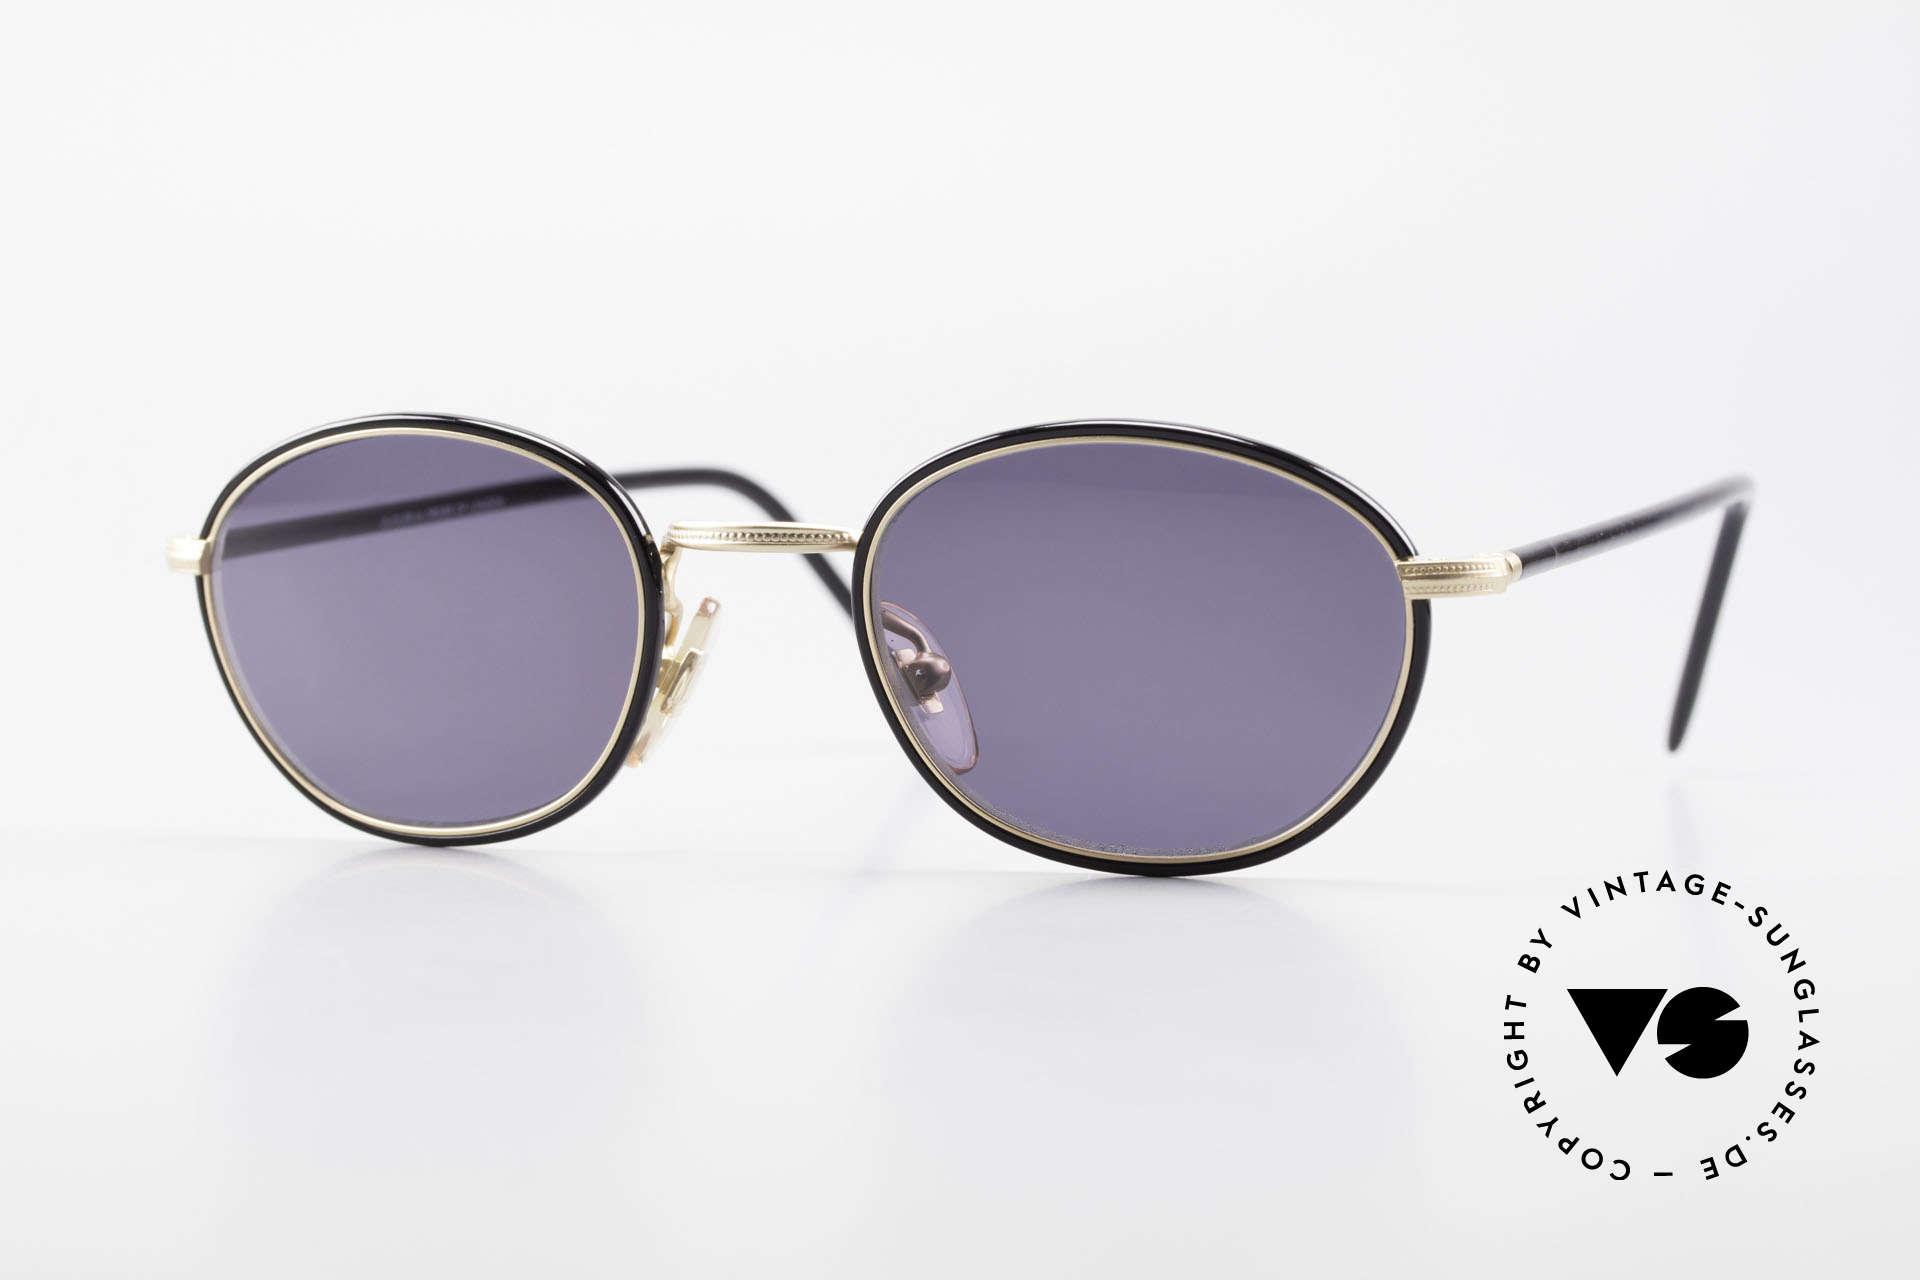 Cutler And Gross 0394 Classic Vintage Sonnenbrille, Cutler & Gross London Designerbrille der späten 90er, Passend für Herren und Damen